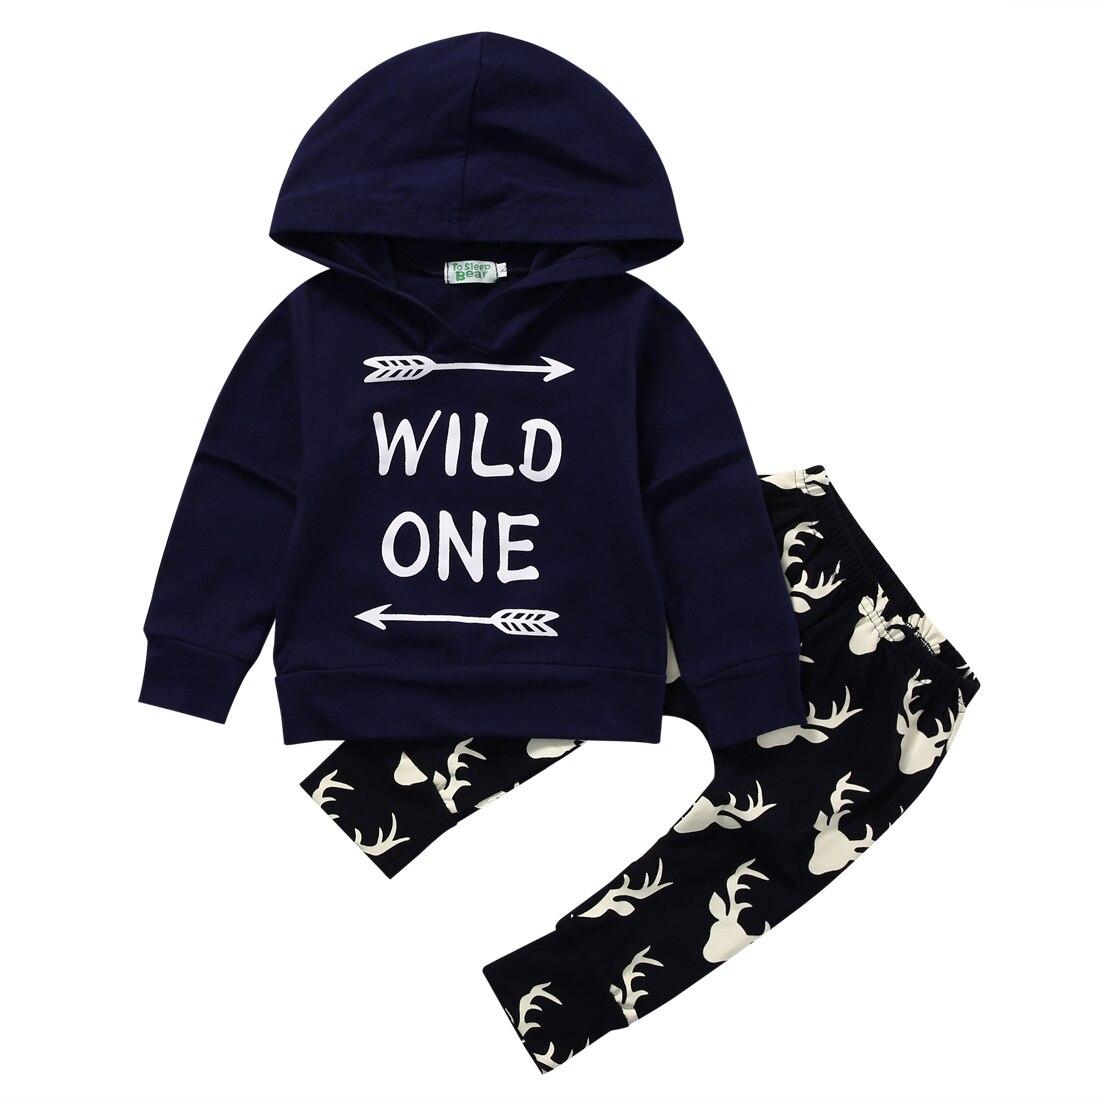 2 PCS Set Roupa Do Bebê Recém-nascido Infantil Bebes Manga Longa Com Capuz camisola Selvagem Um Topos + Veados Pant Calças Roupa Dos Miúdos roupas